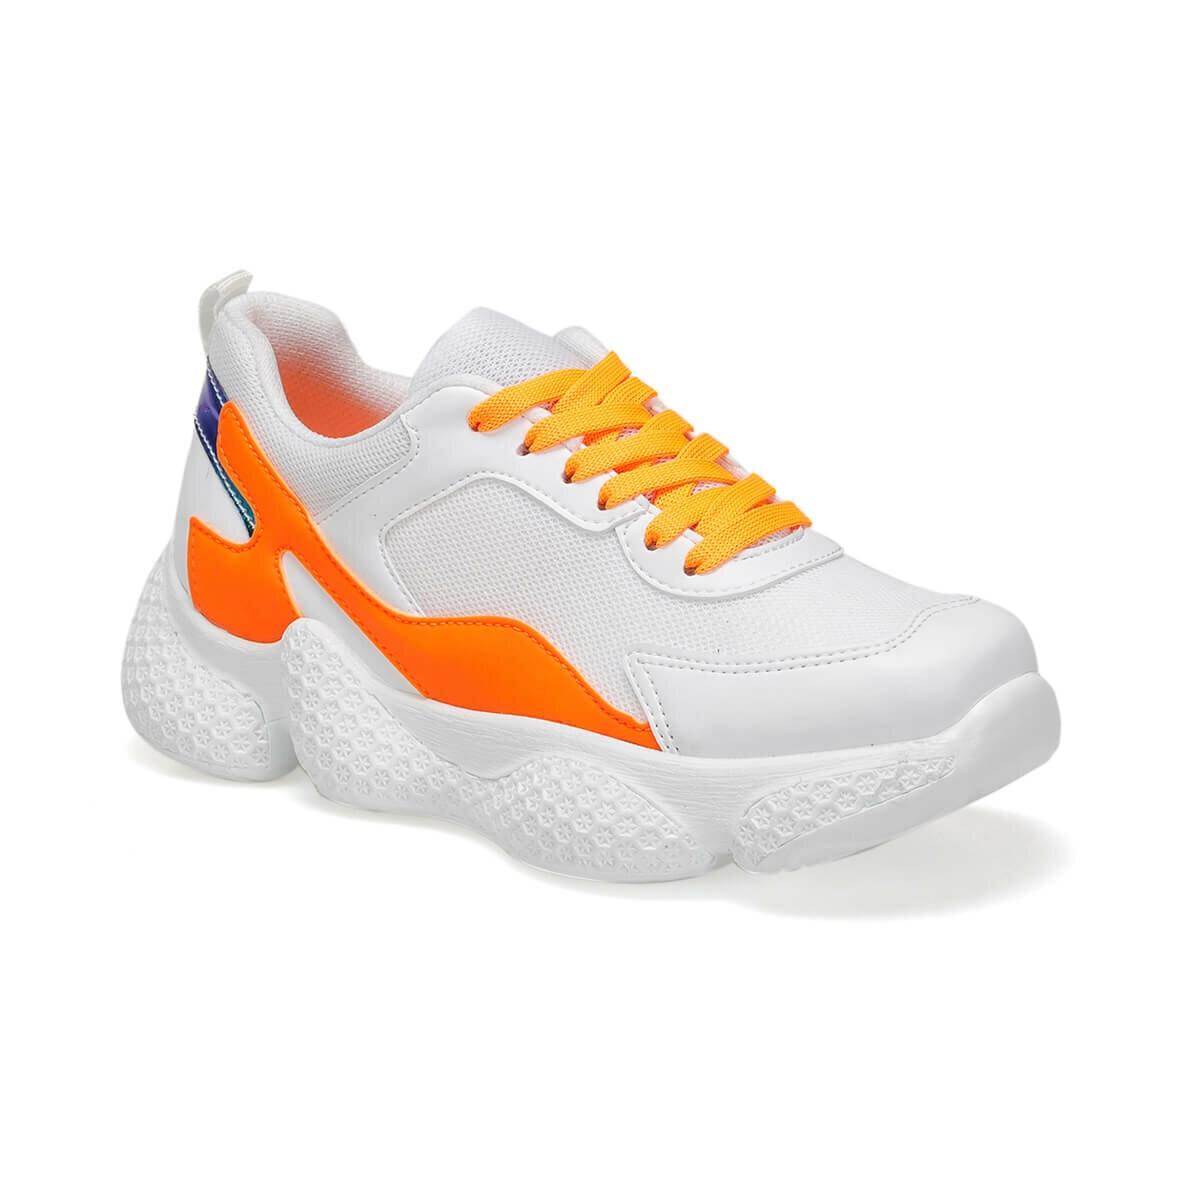 FLO 19SF-1616 Multicolour Women 'S Sneaker BUTIGO